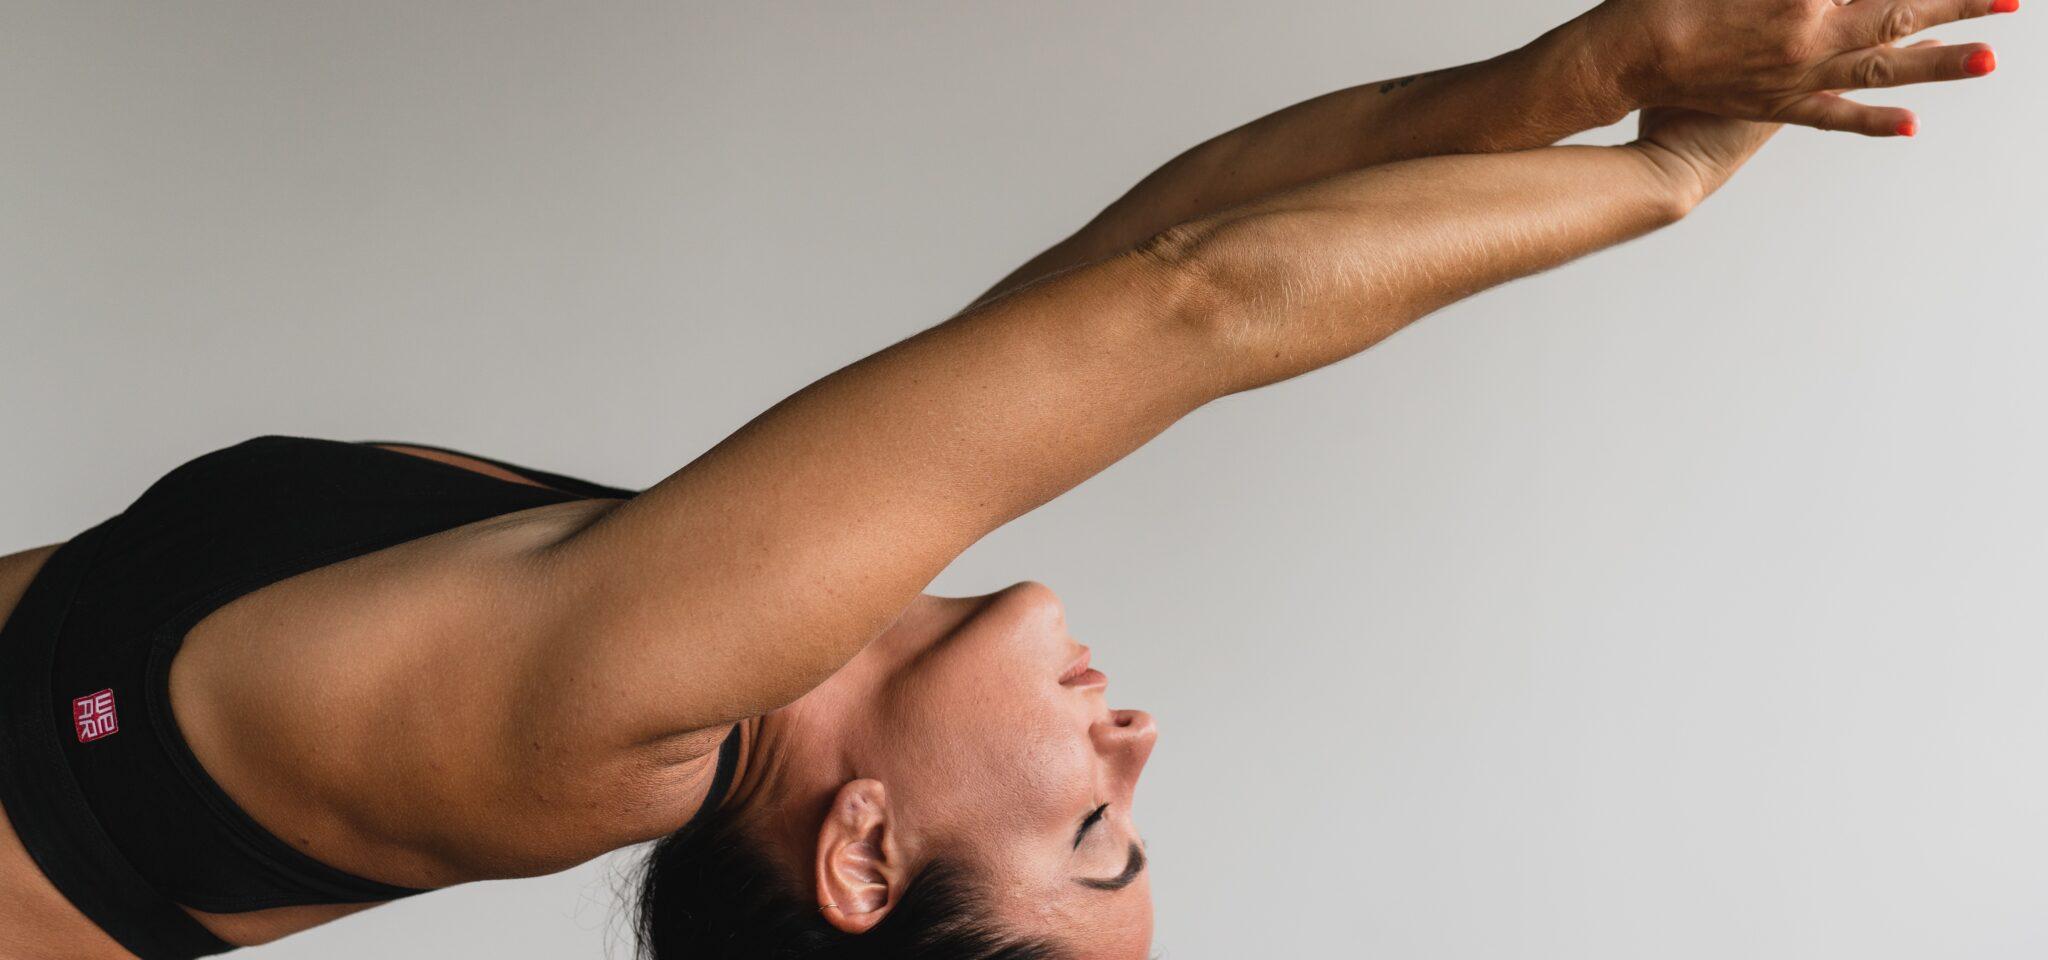 Pós-treino: três segredos para recuperarz•Life